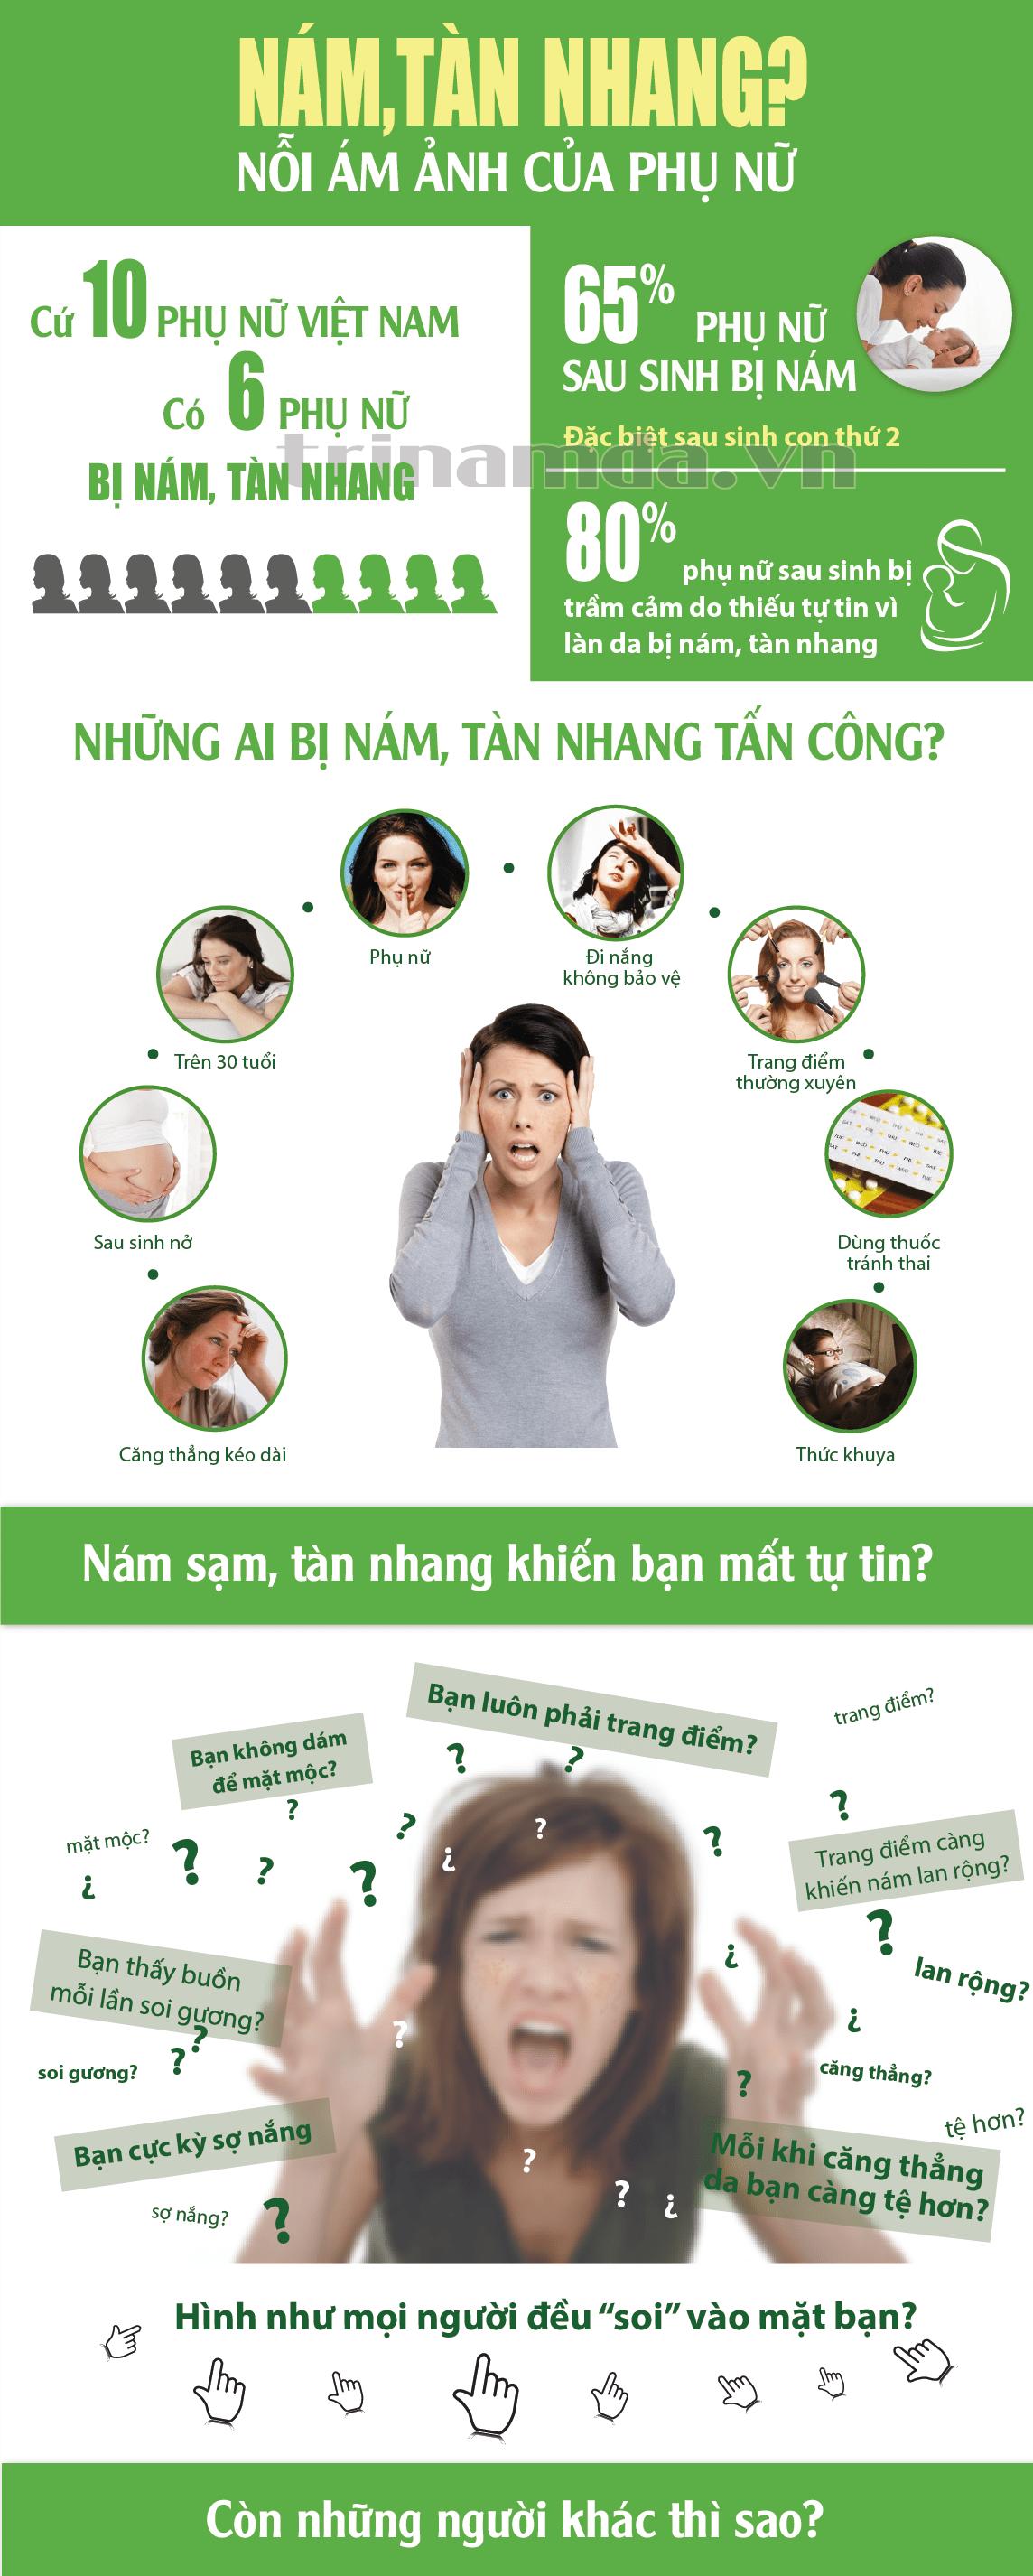 Nám da và tàn nhang gây ra rât nhiều ám ảnh cho phụ nữ